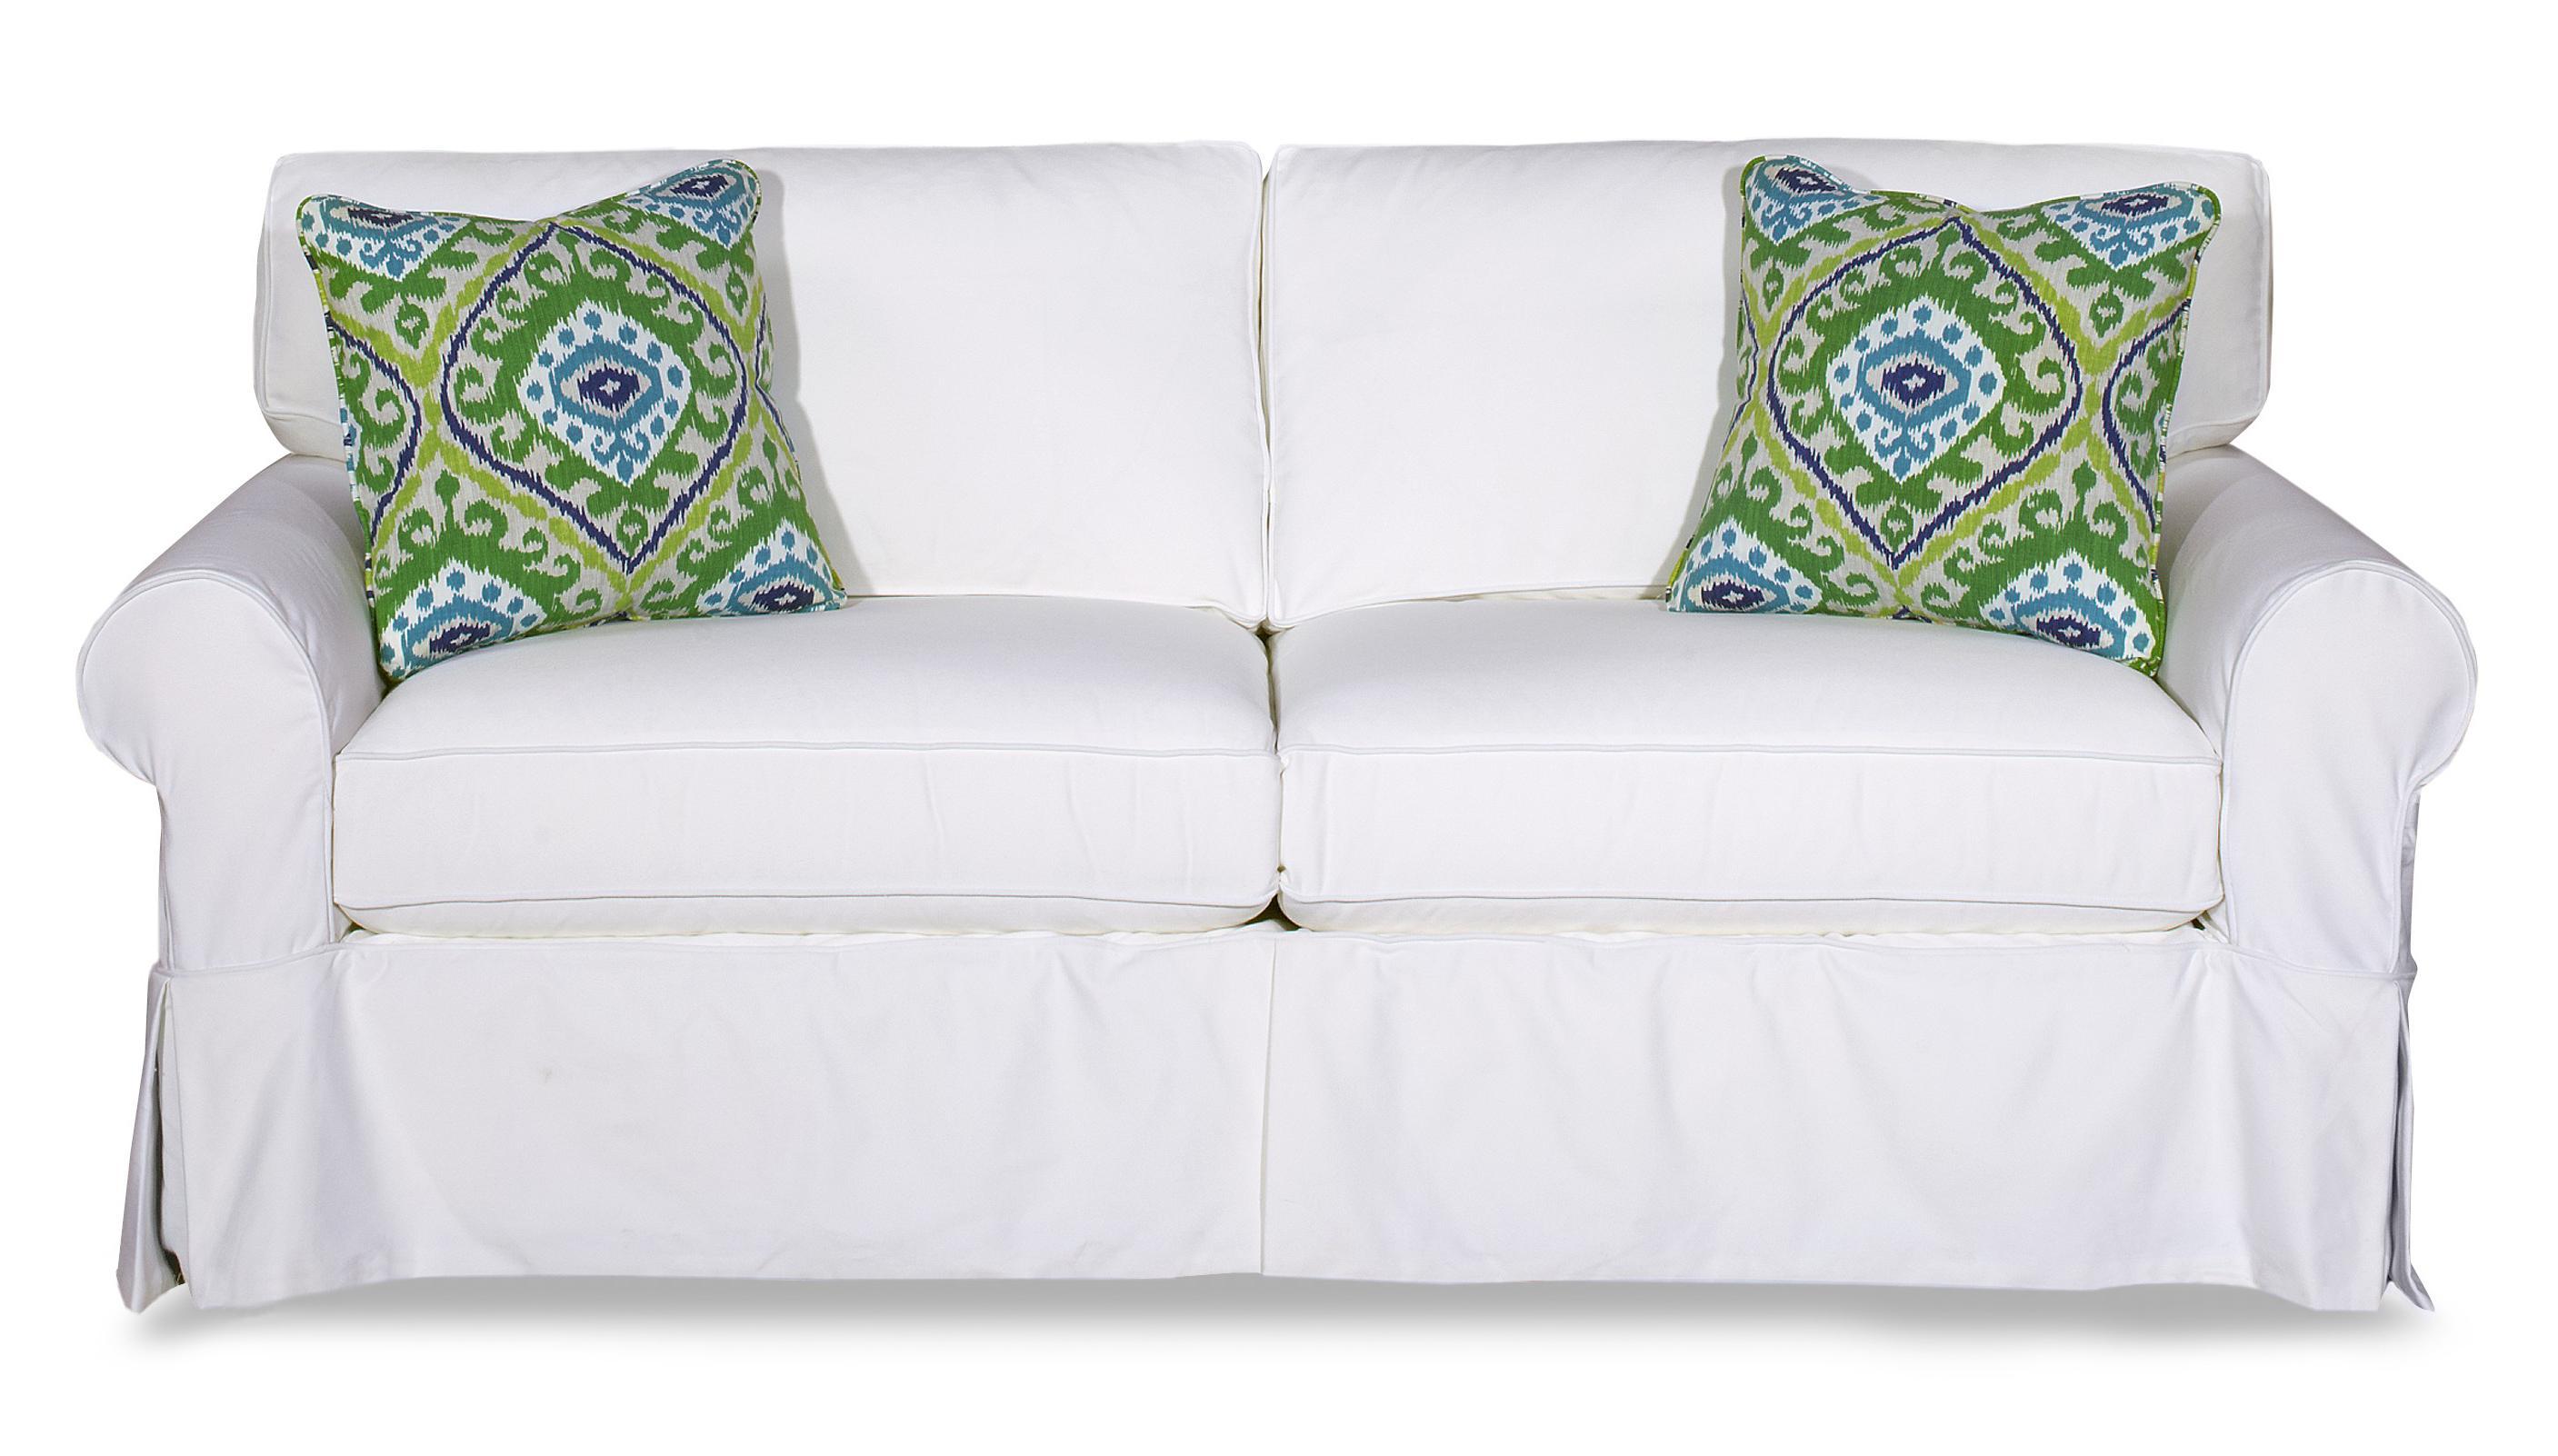 Craftmaster 922800 Cottage Style Slipcover Sleeper Sofa